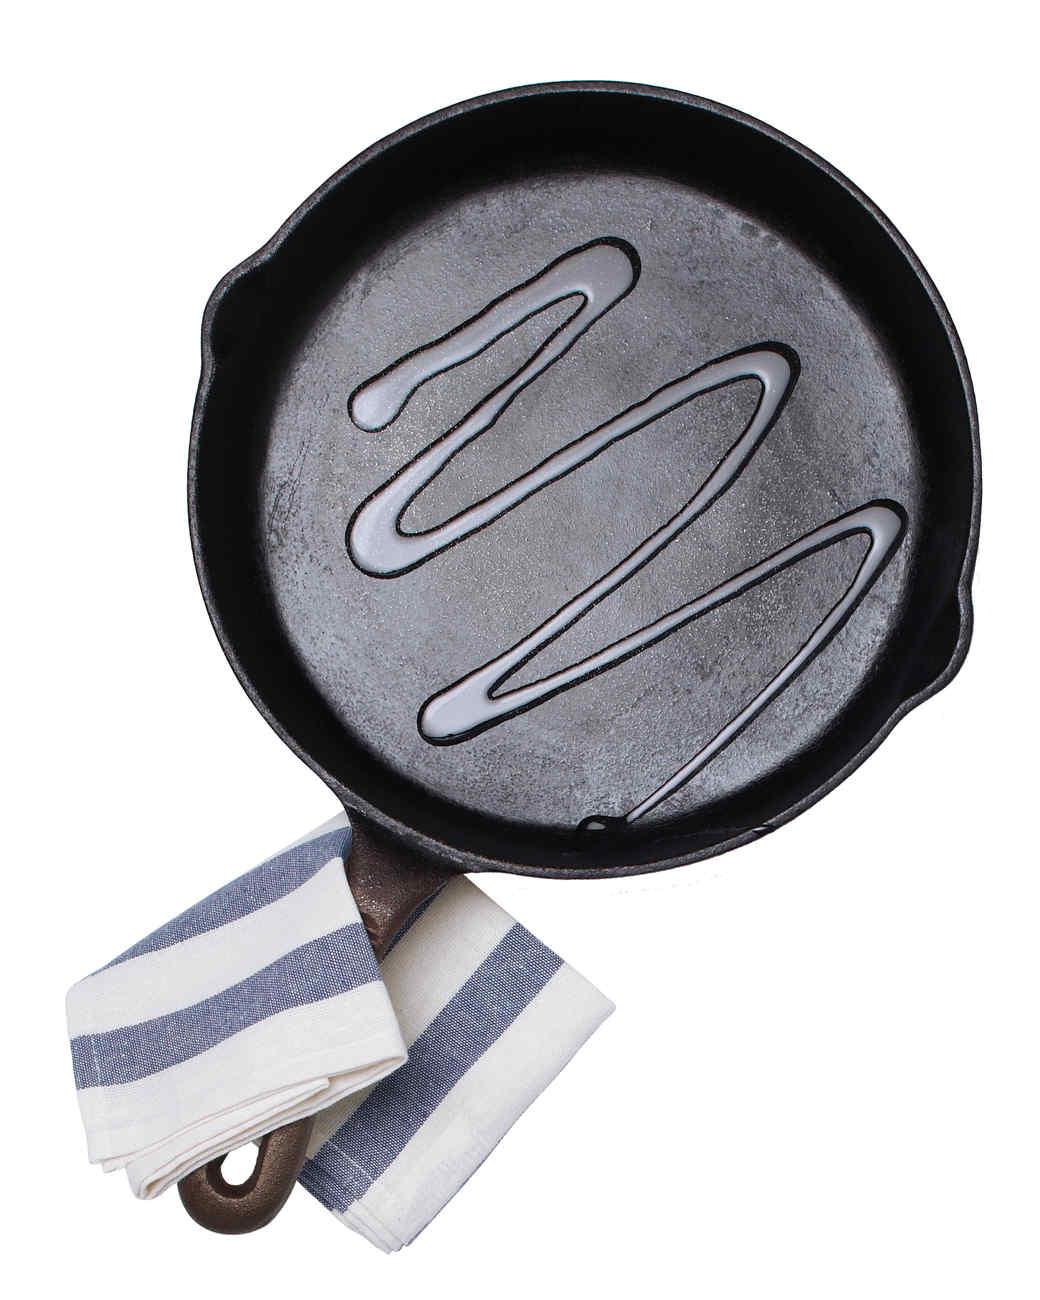 cast-iron-skillet-219-mld110686.jpg